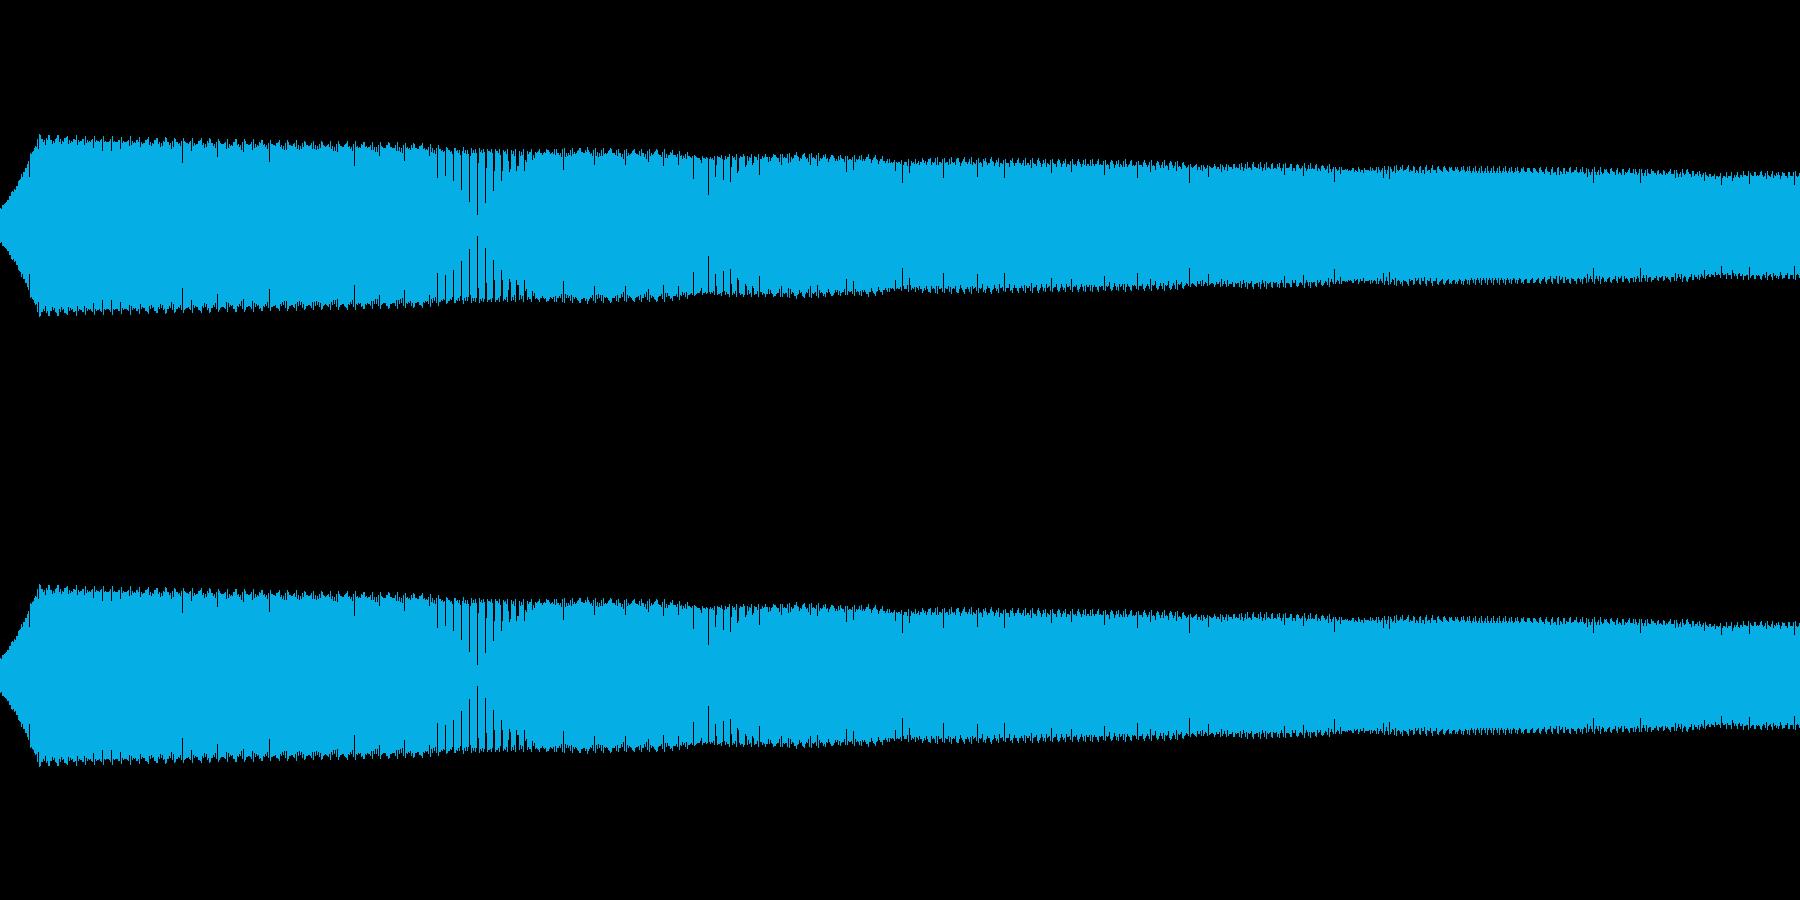 ピョイ:ゲームのジャンプ音の再生済みの波形